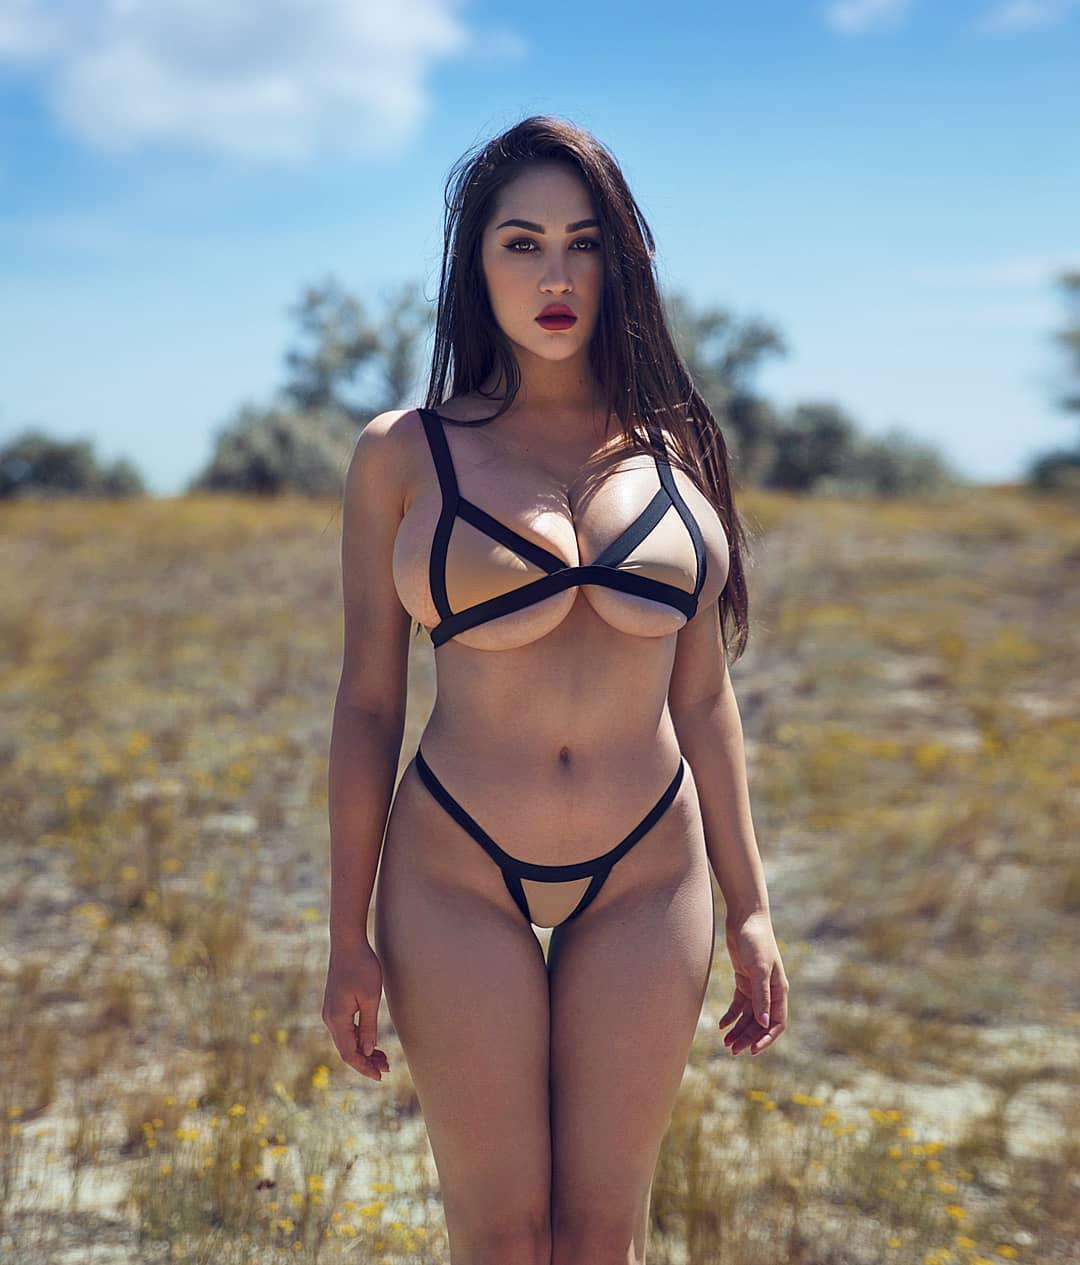 Louisa Khovanski Nude Onlyfans Leaked 0033